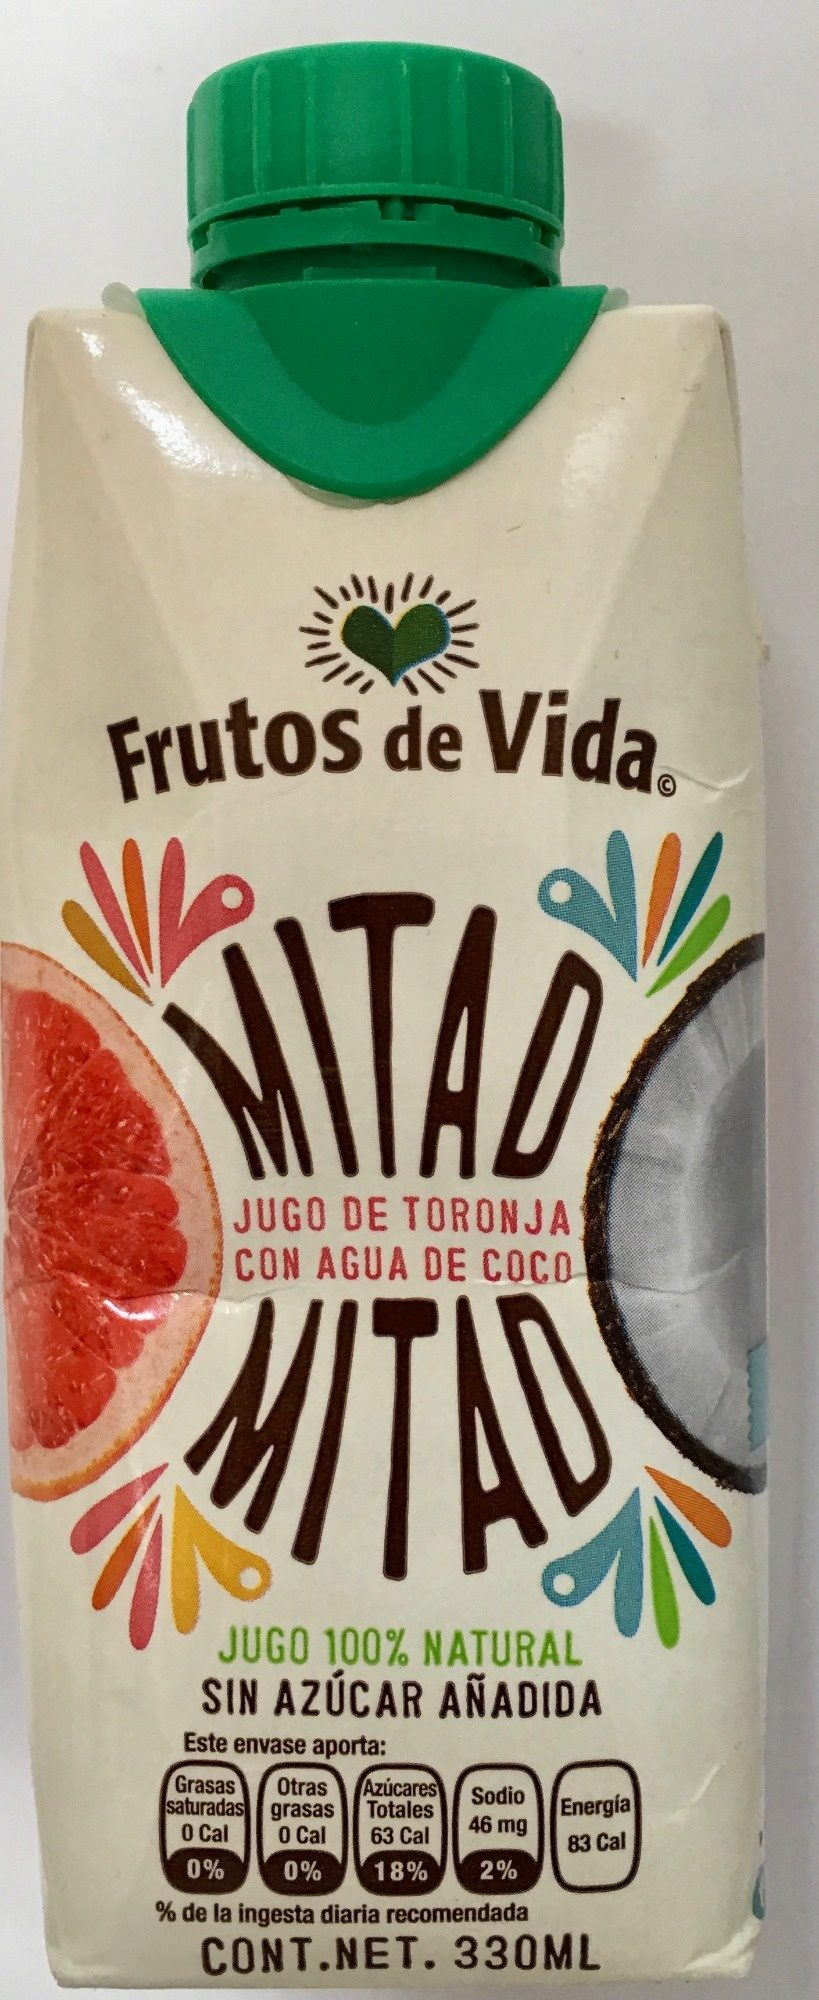 Mitad Mitad jugo de toronja con agua de coco - Produit - es